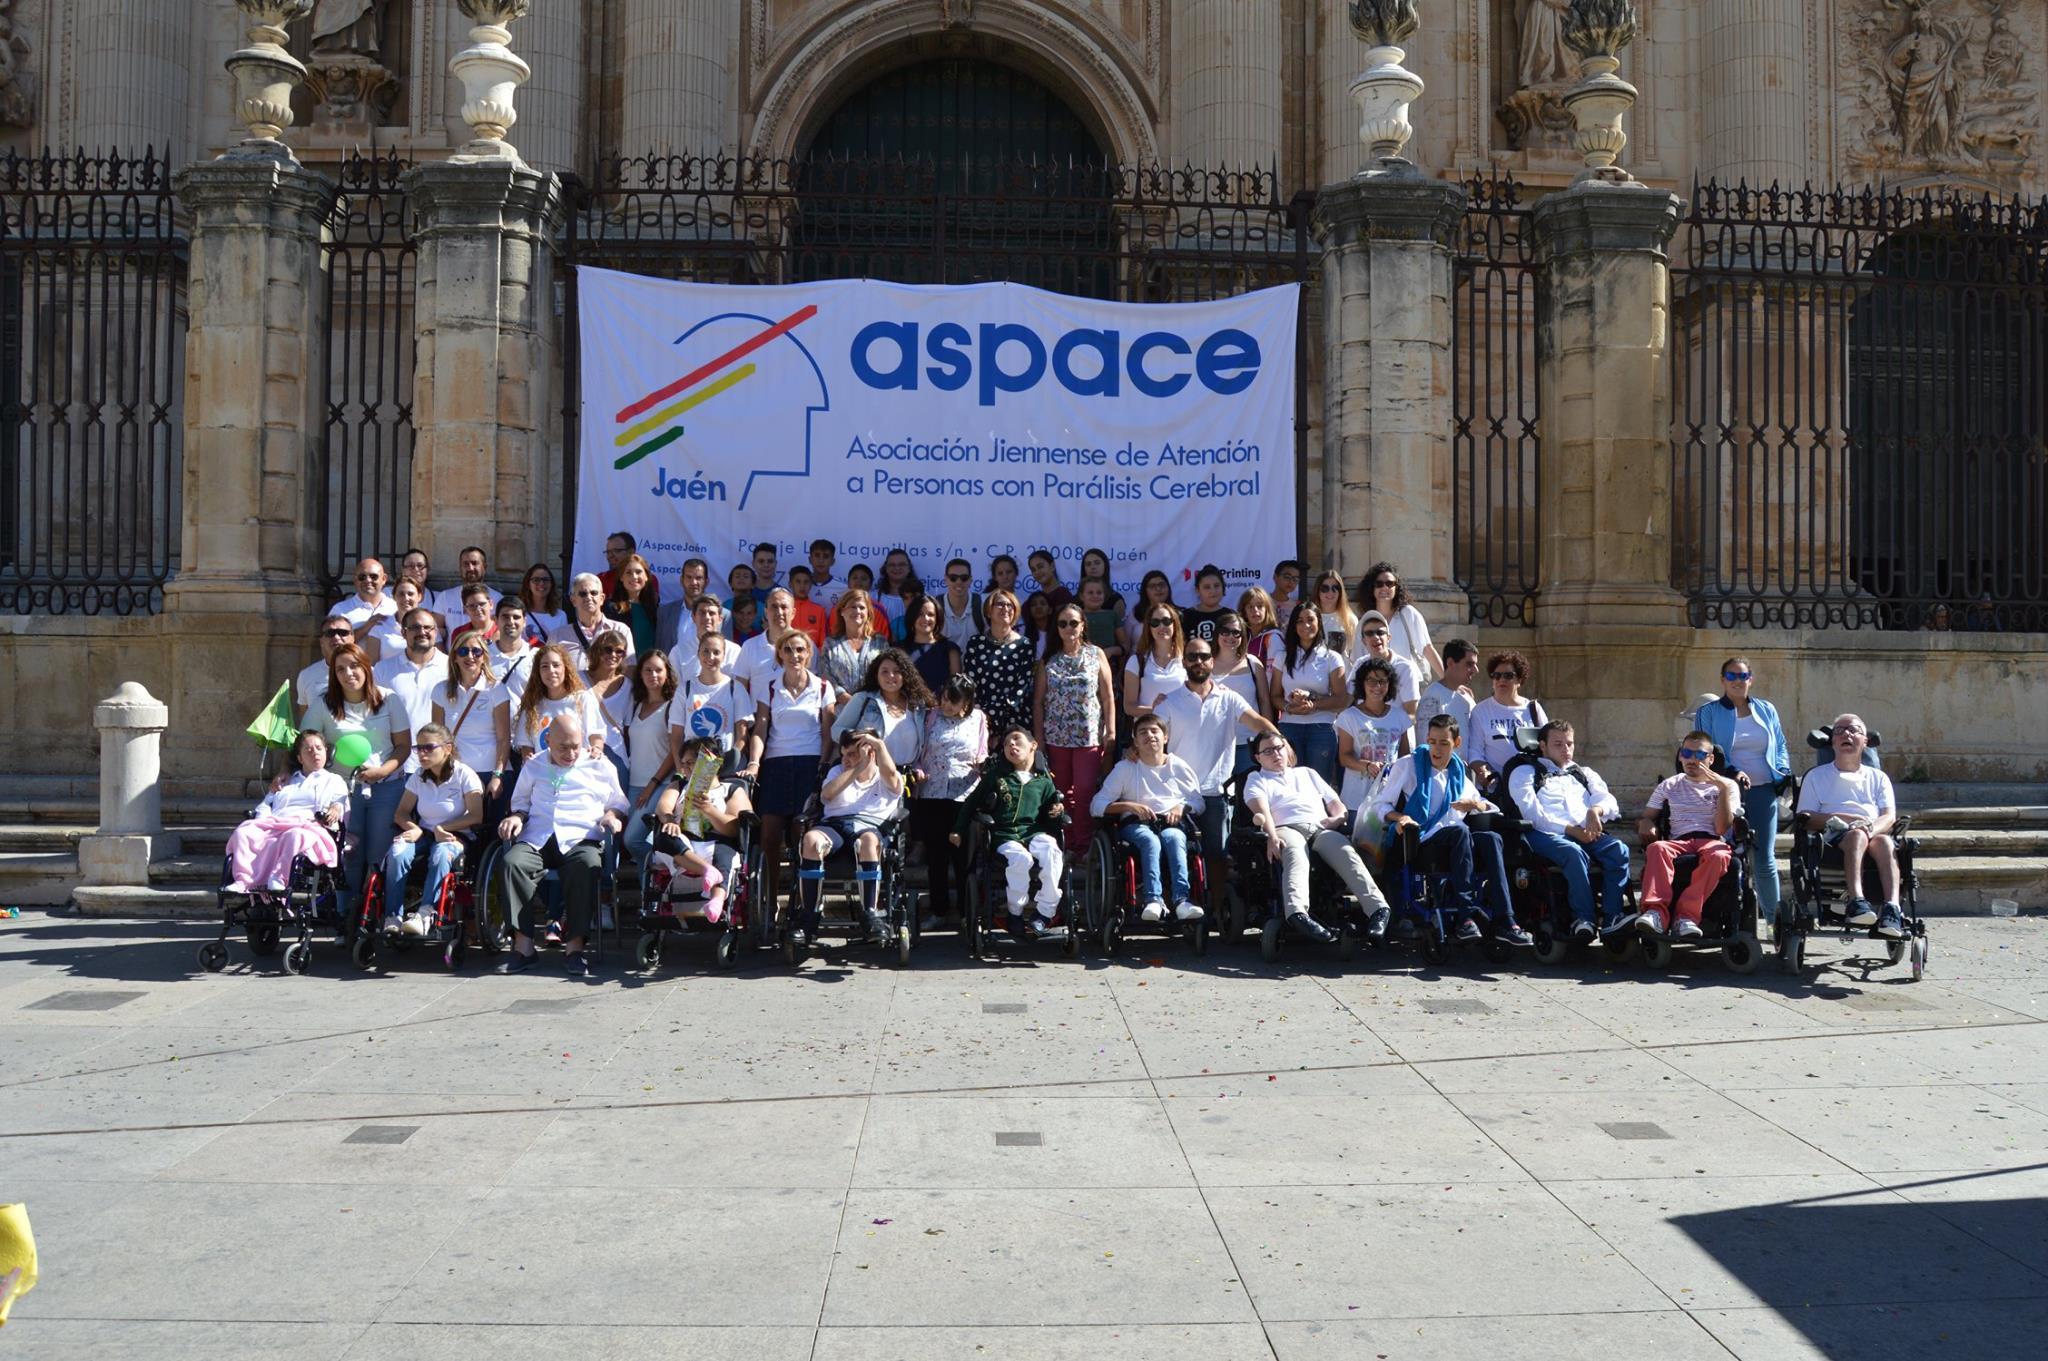 Aspace Jaén invita a 'mirar de frente' a las personas con parálisis cerebral para visibilizar su sexualidad e intimidad